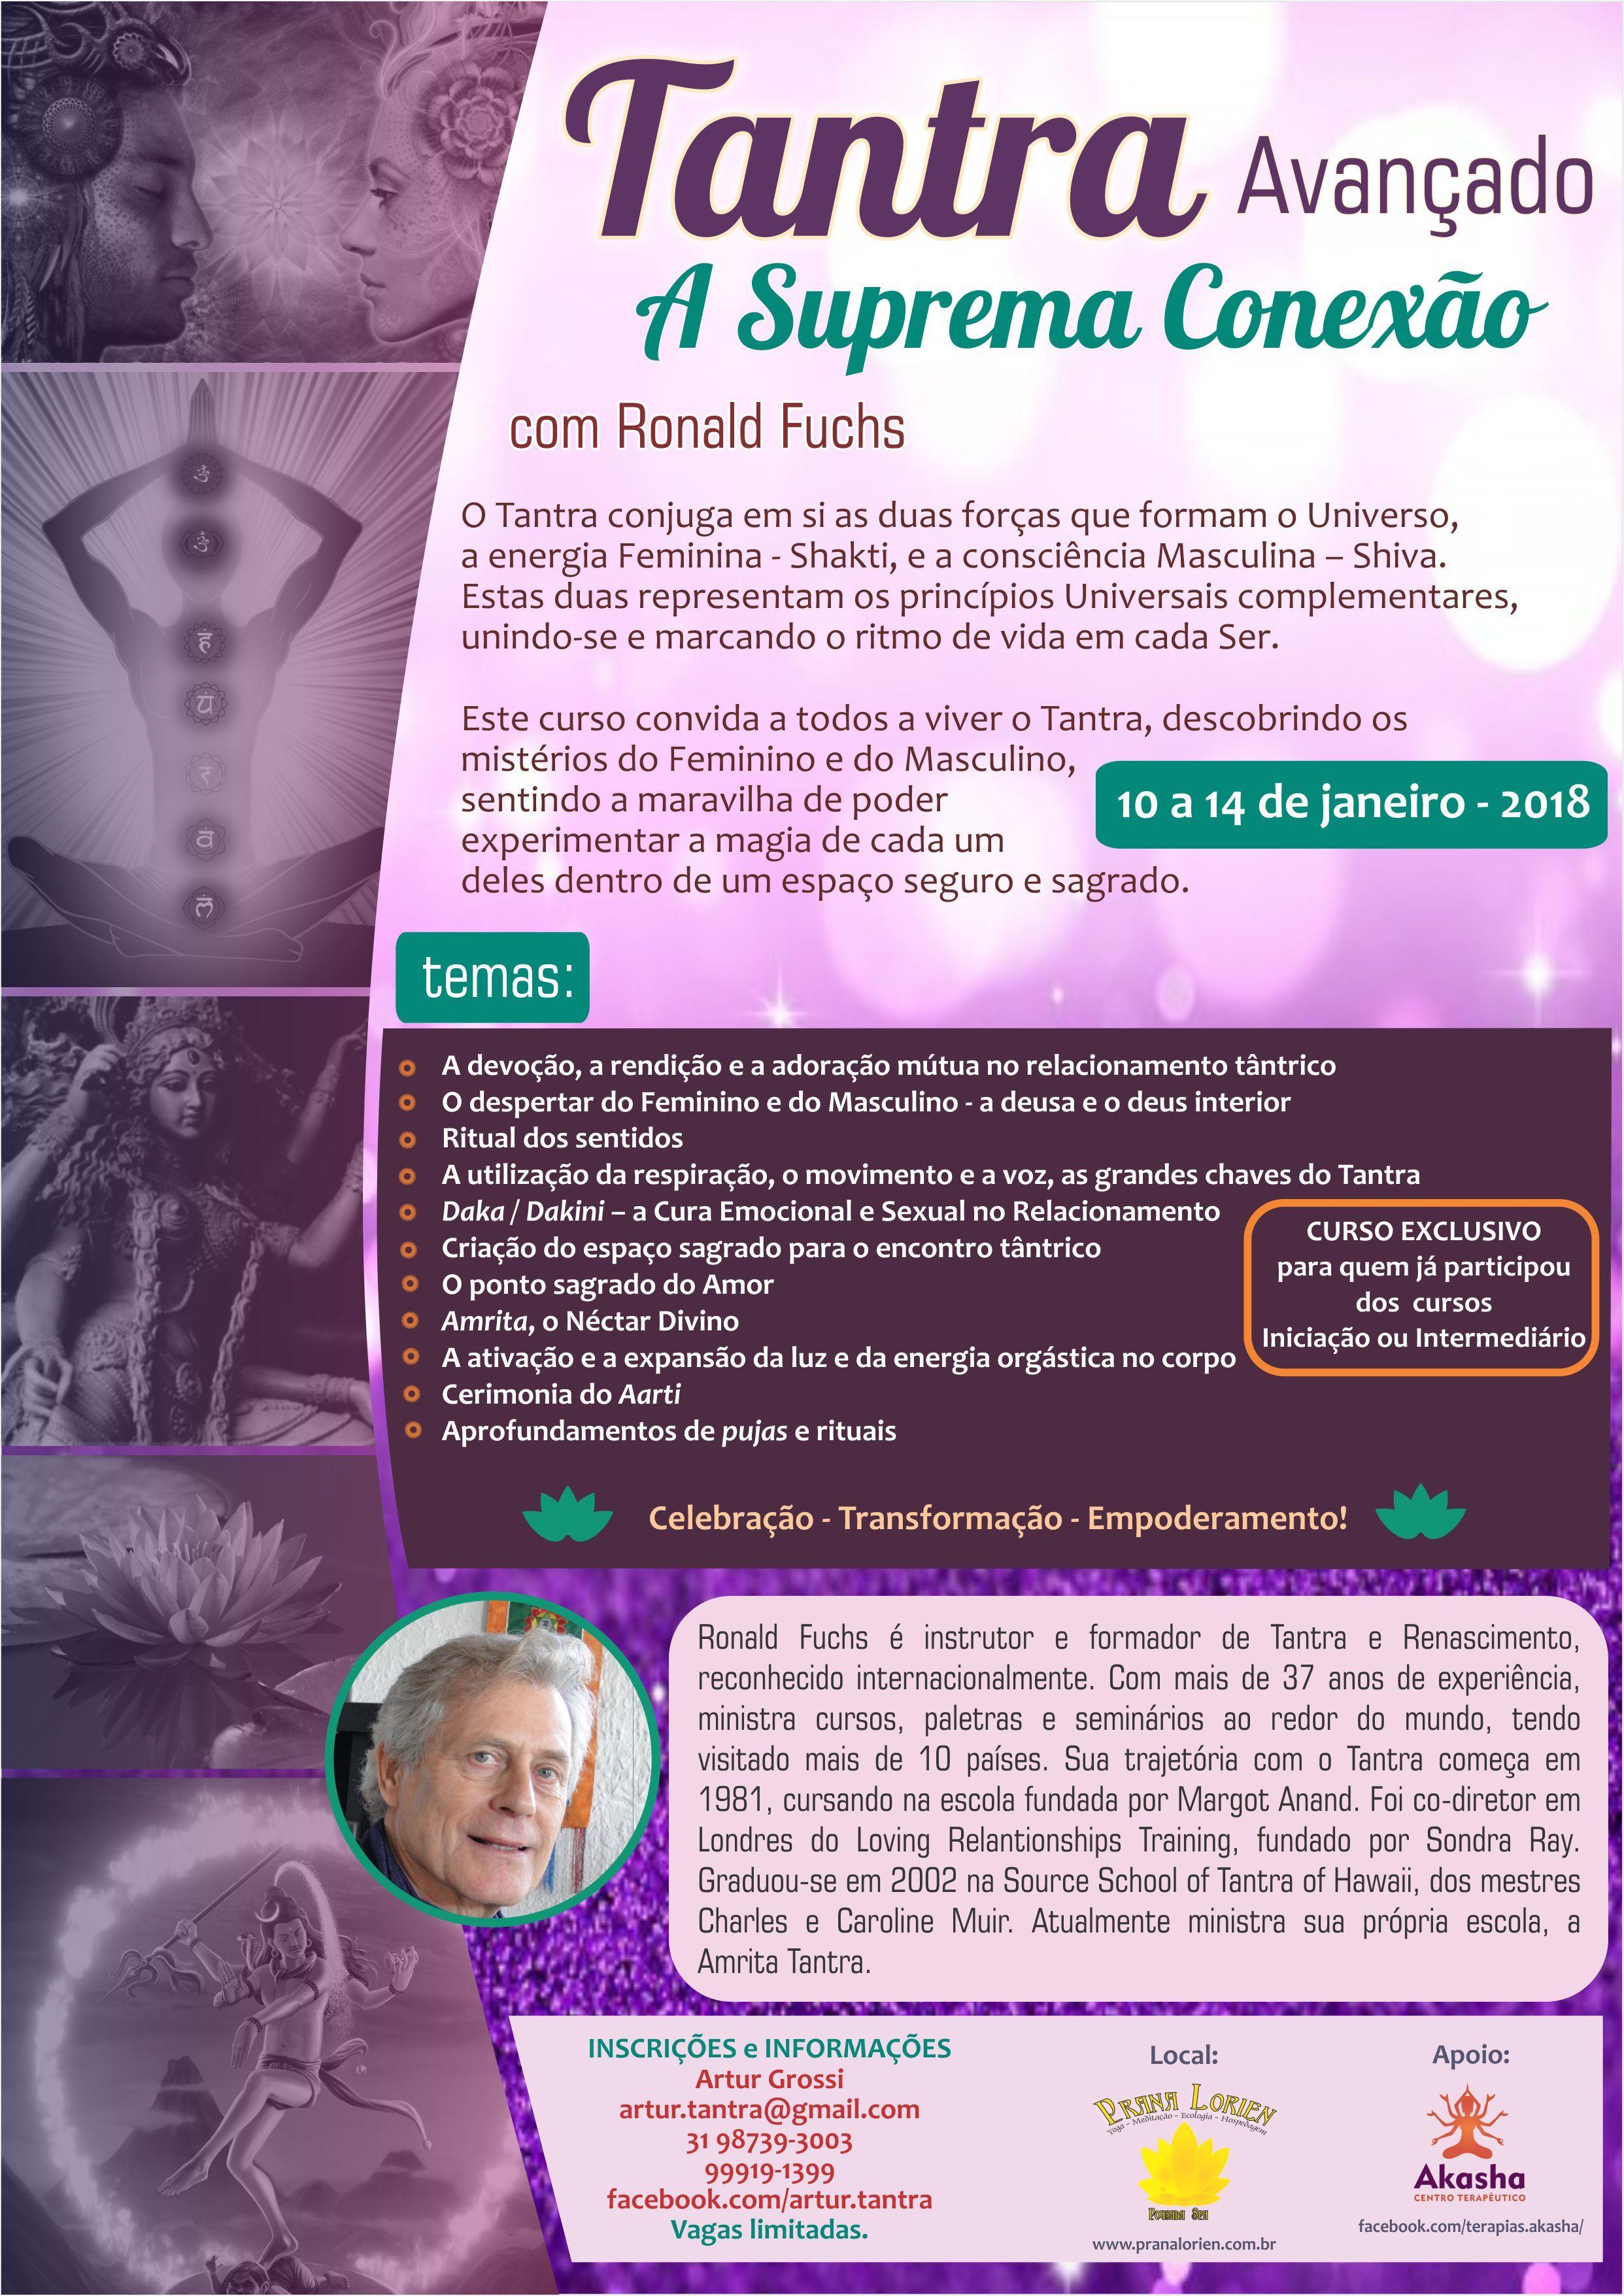 Tantra Avançado 10 ao 14 de Janeiro em Belo Horizonte (Brasil)